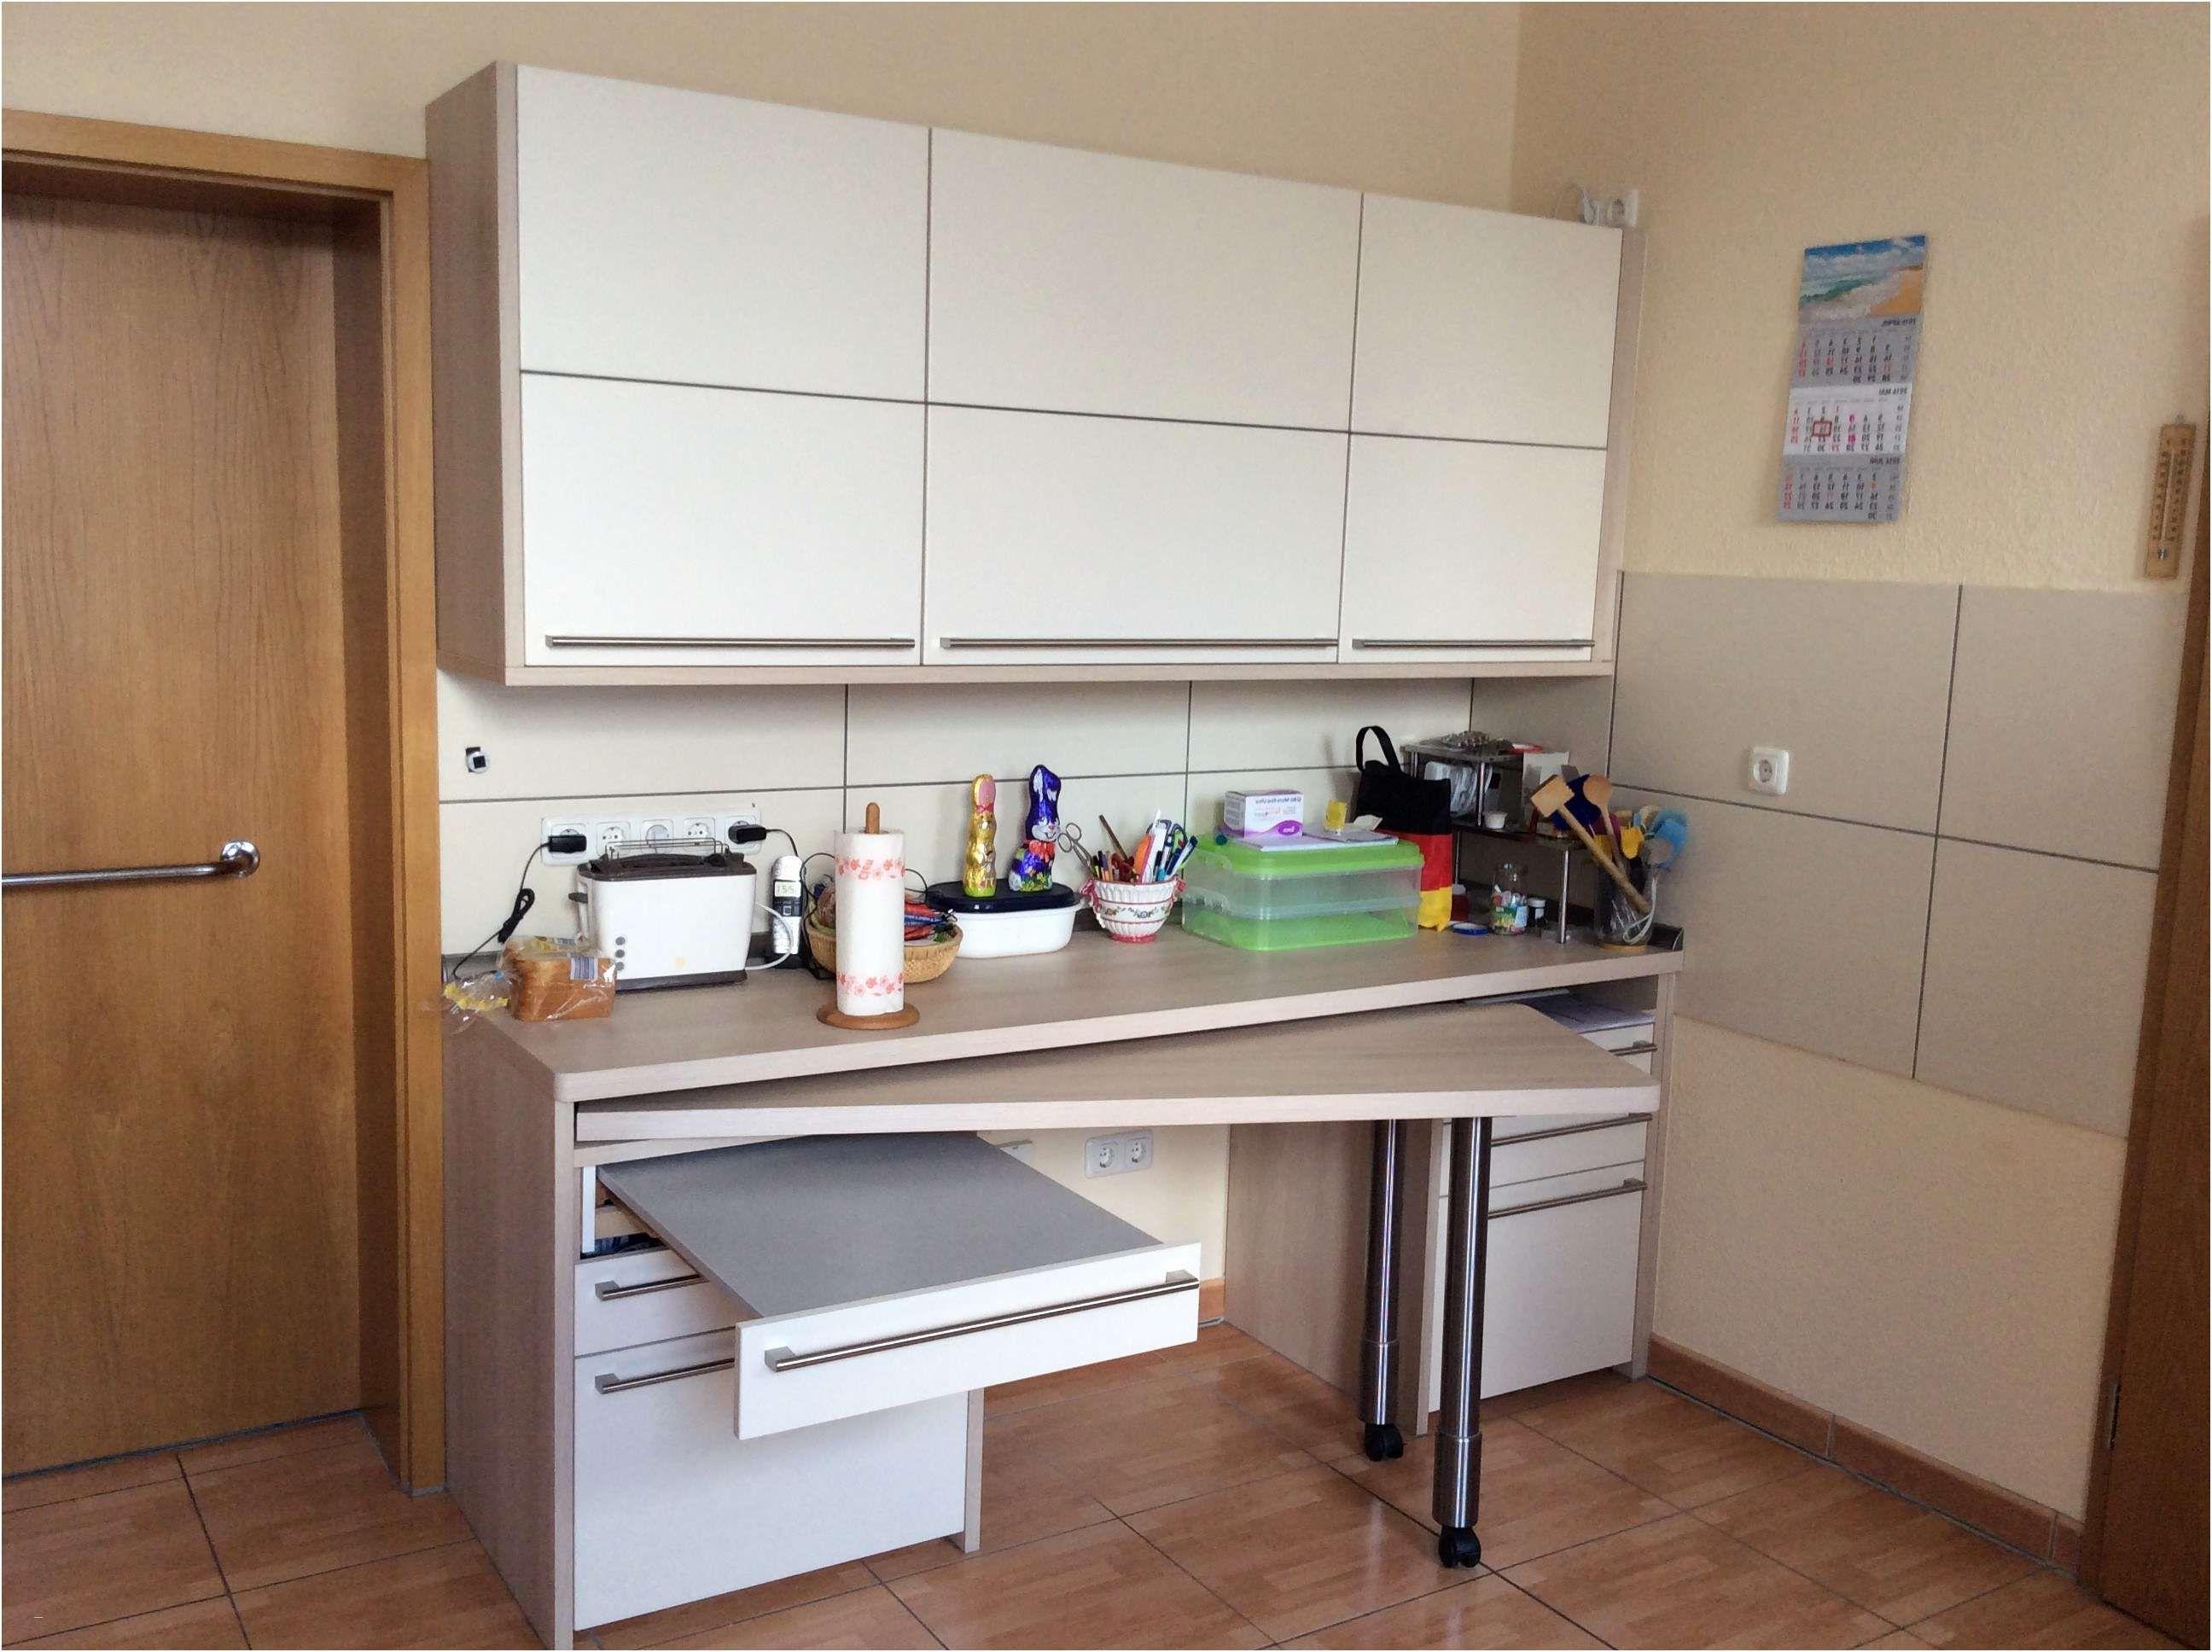 Ikea Günstige Küche Schön Küche Platzsparend Einrichten